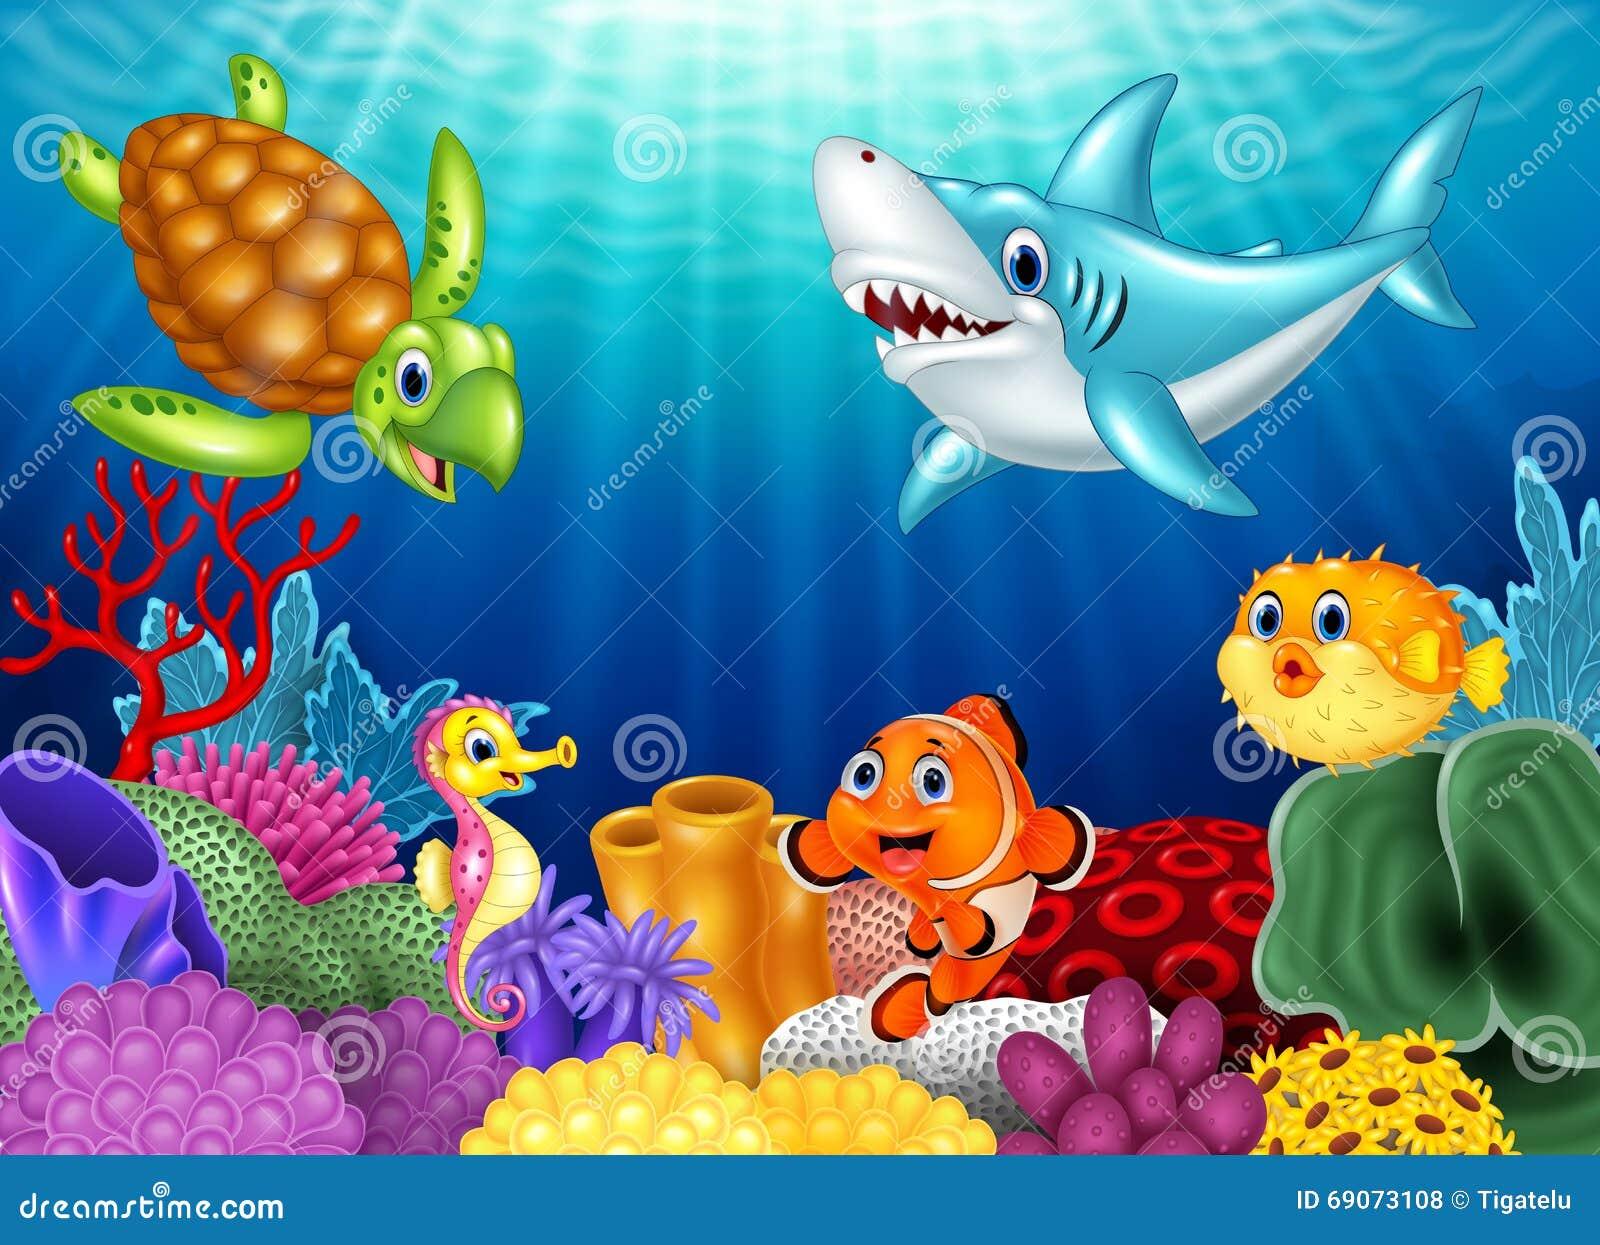 Tropische Fische Der Karikatur Und Schöne Unterwasserwelt Mit